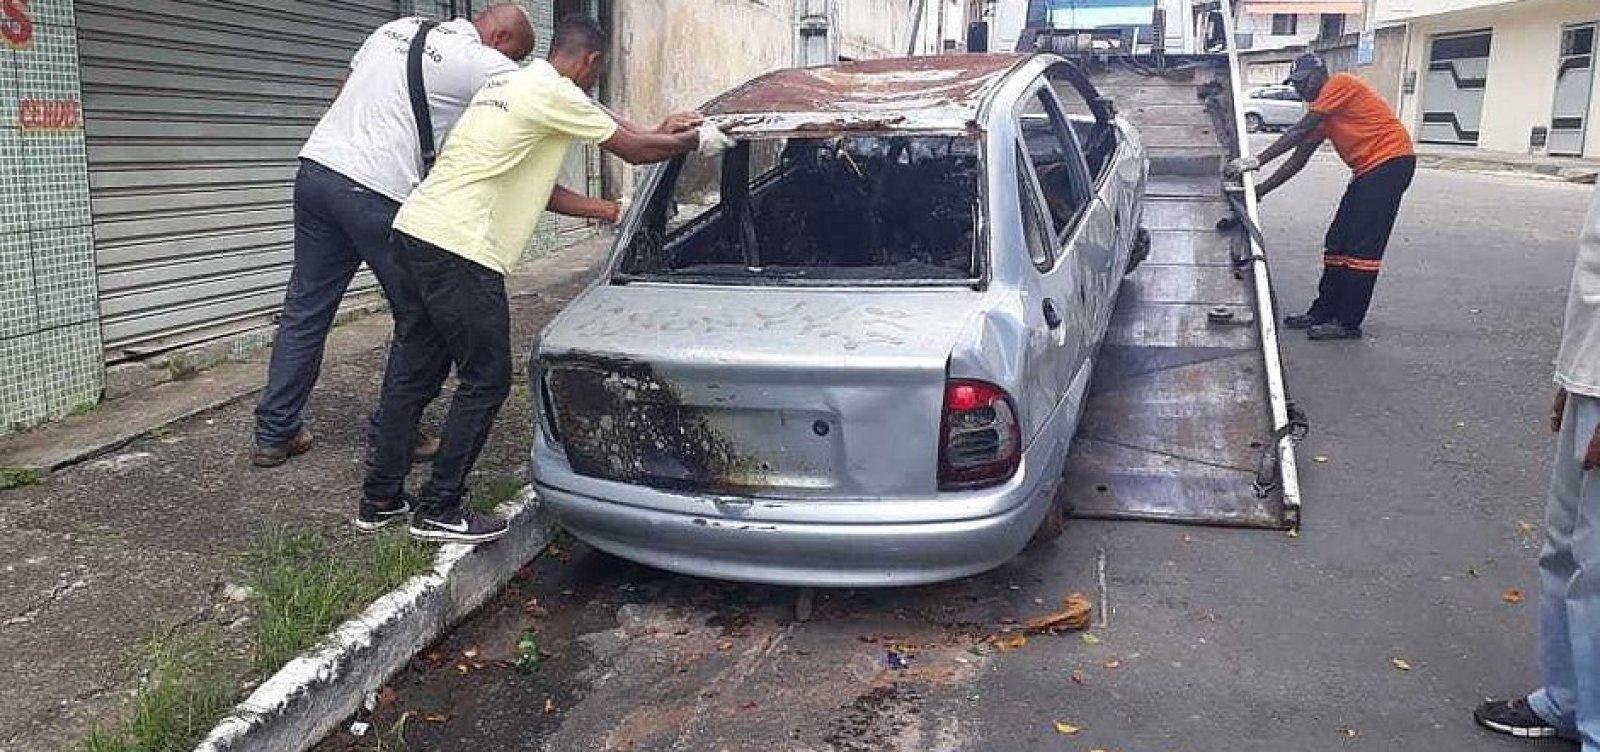 Prefeitura retira, em média, 35 sucatas nas ruas de Salvador a cada semana